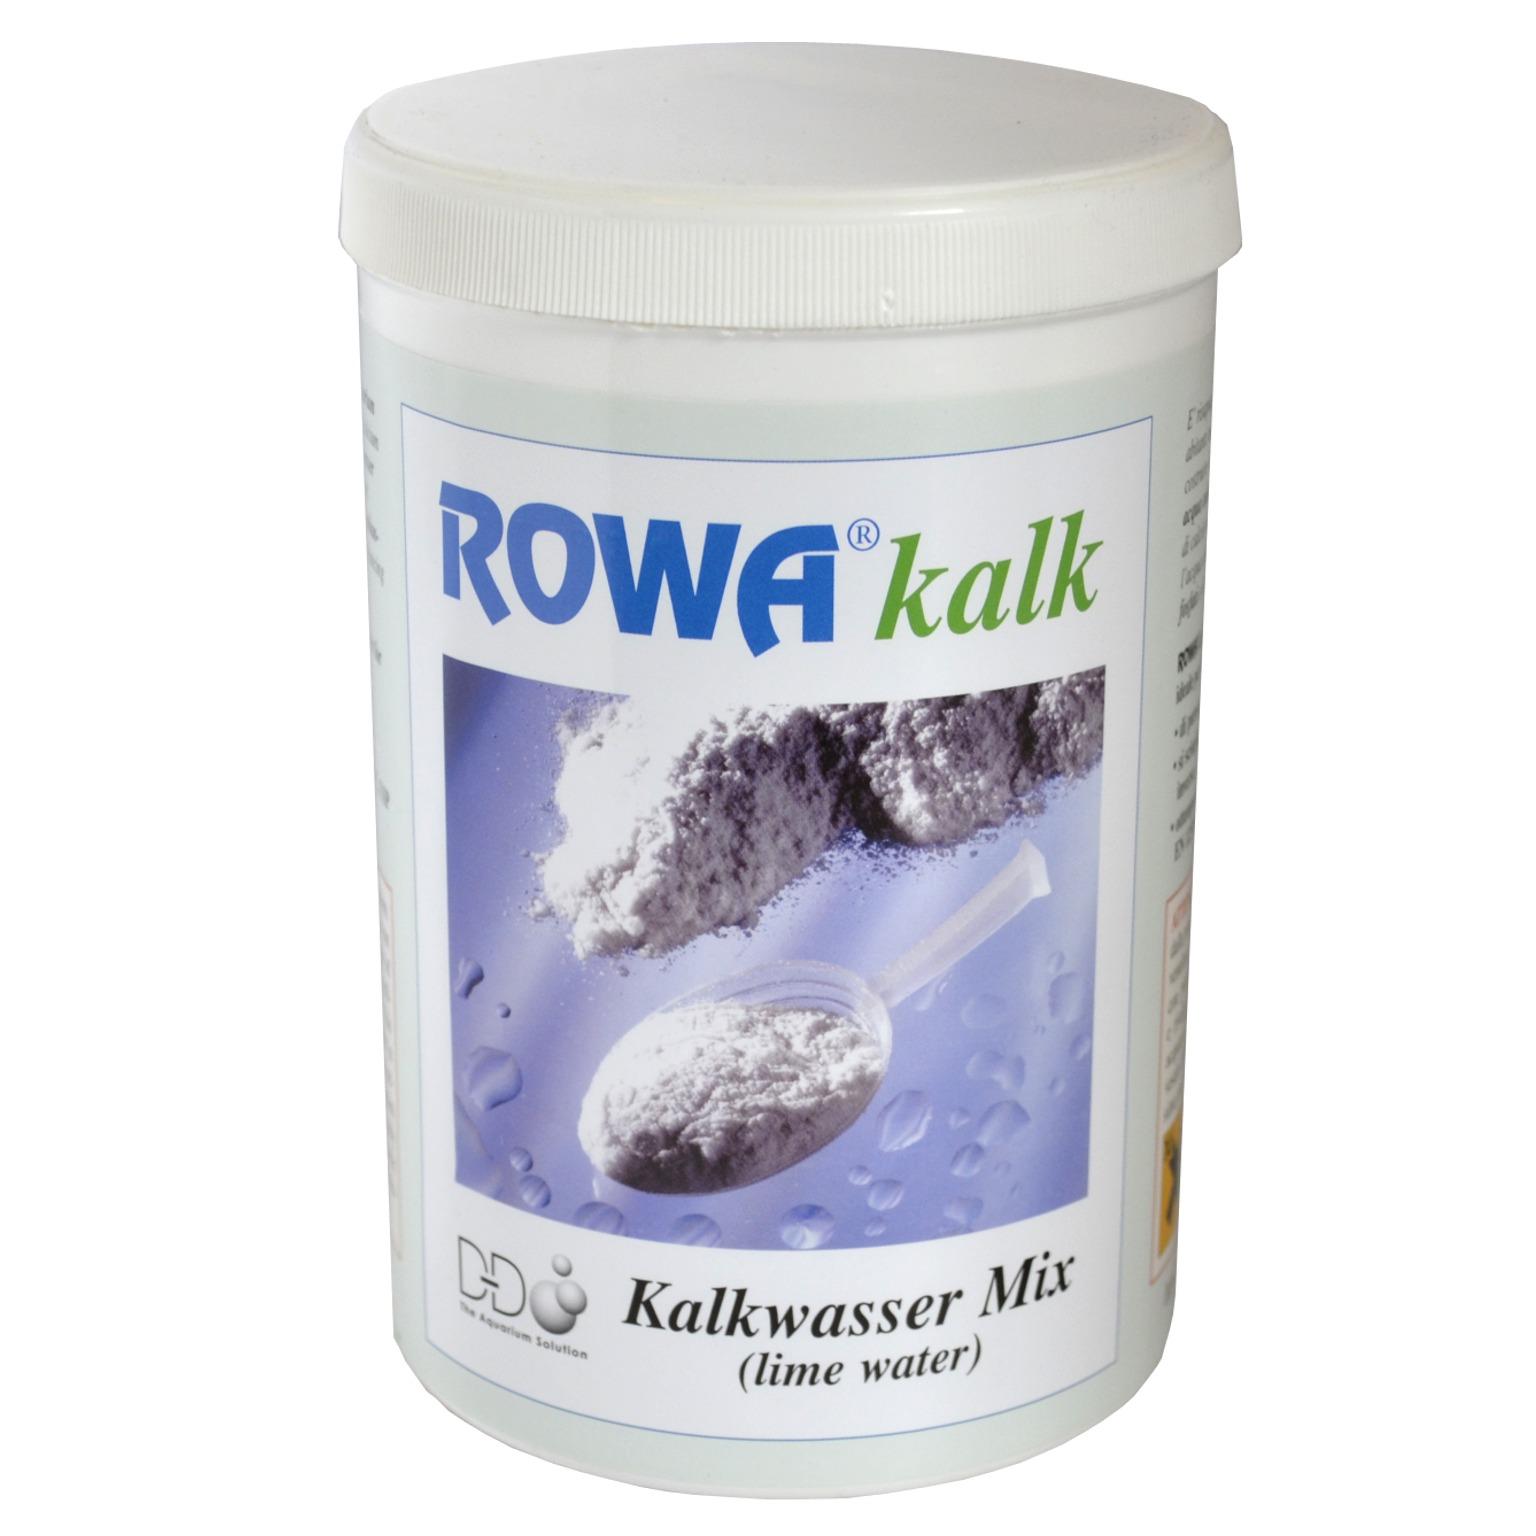 rowa-kalk